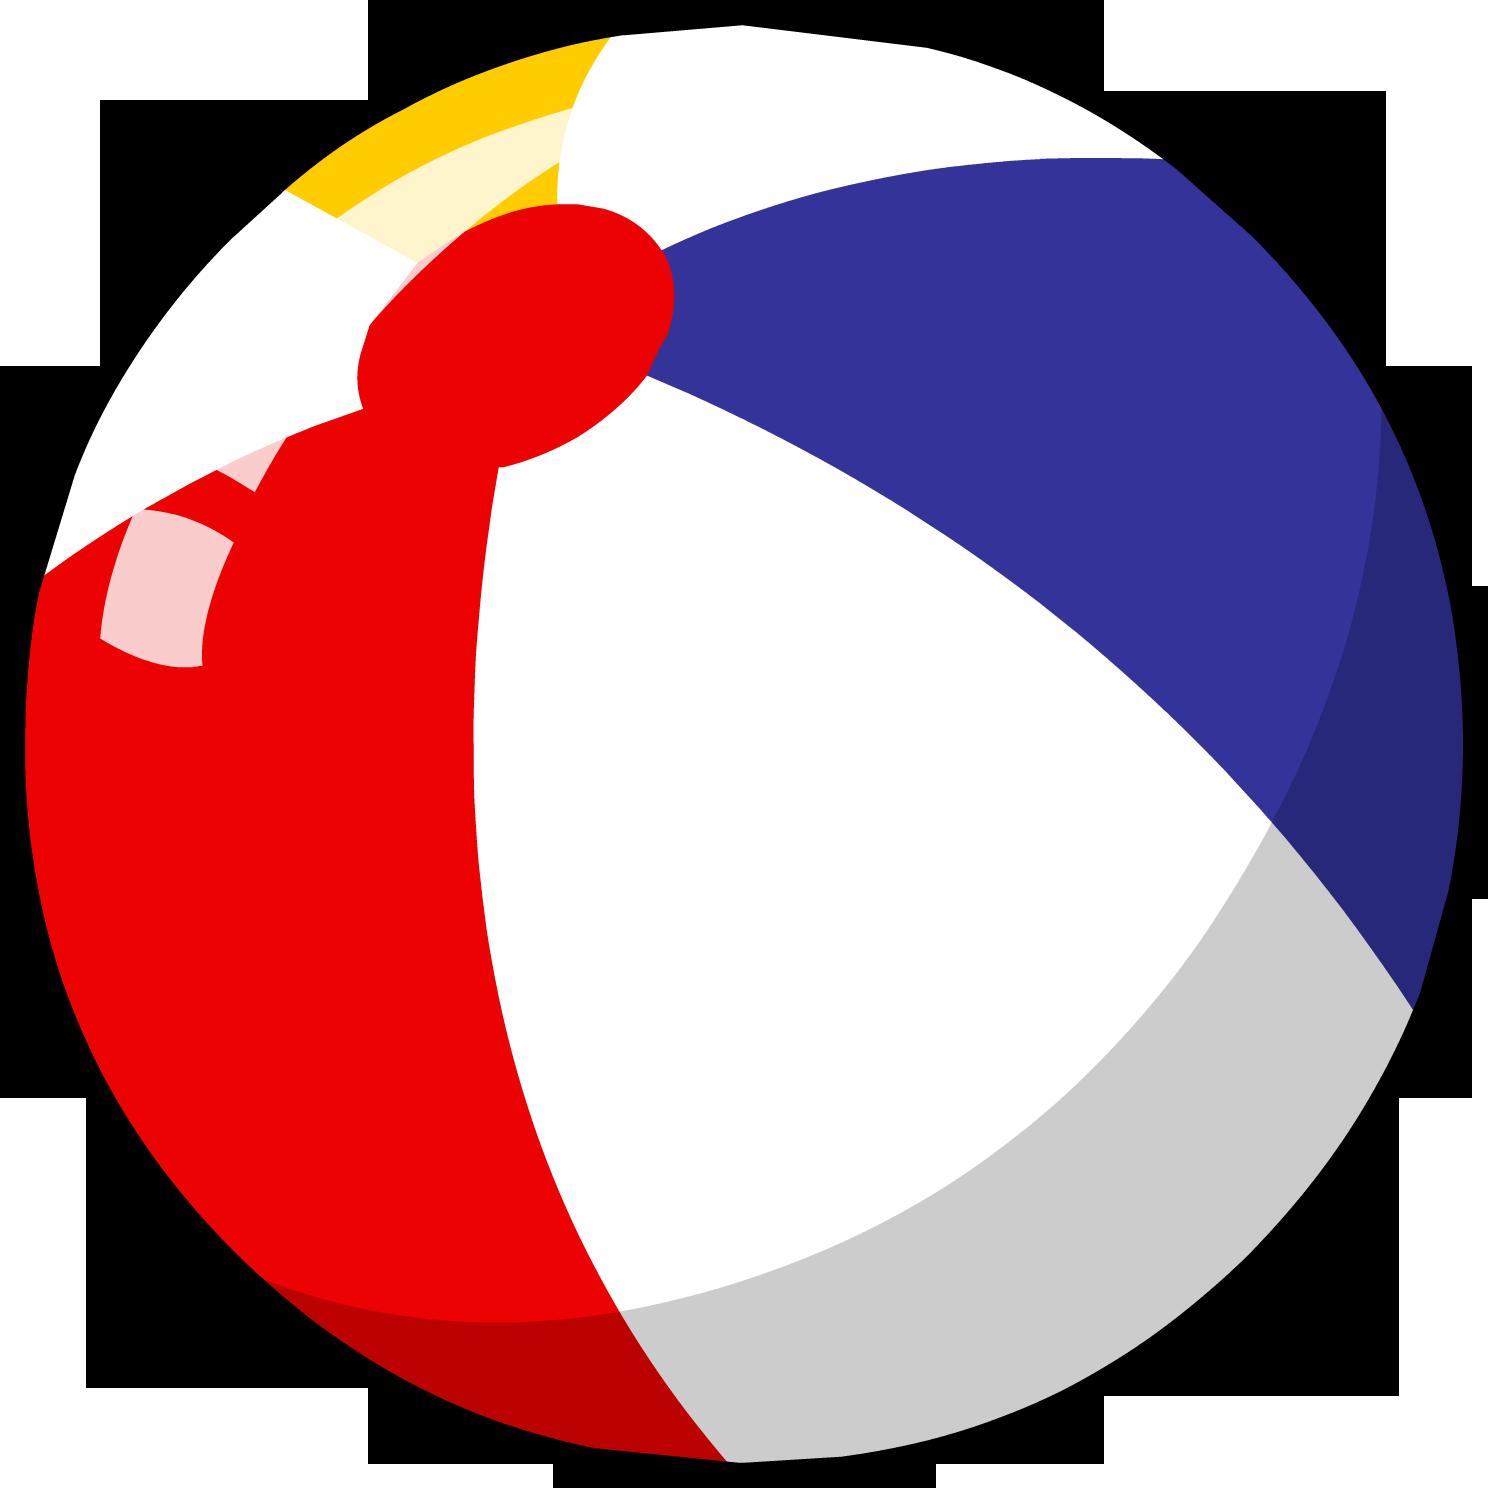 Beachball clipart beach gear. Image ball png club